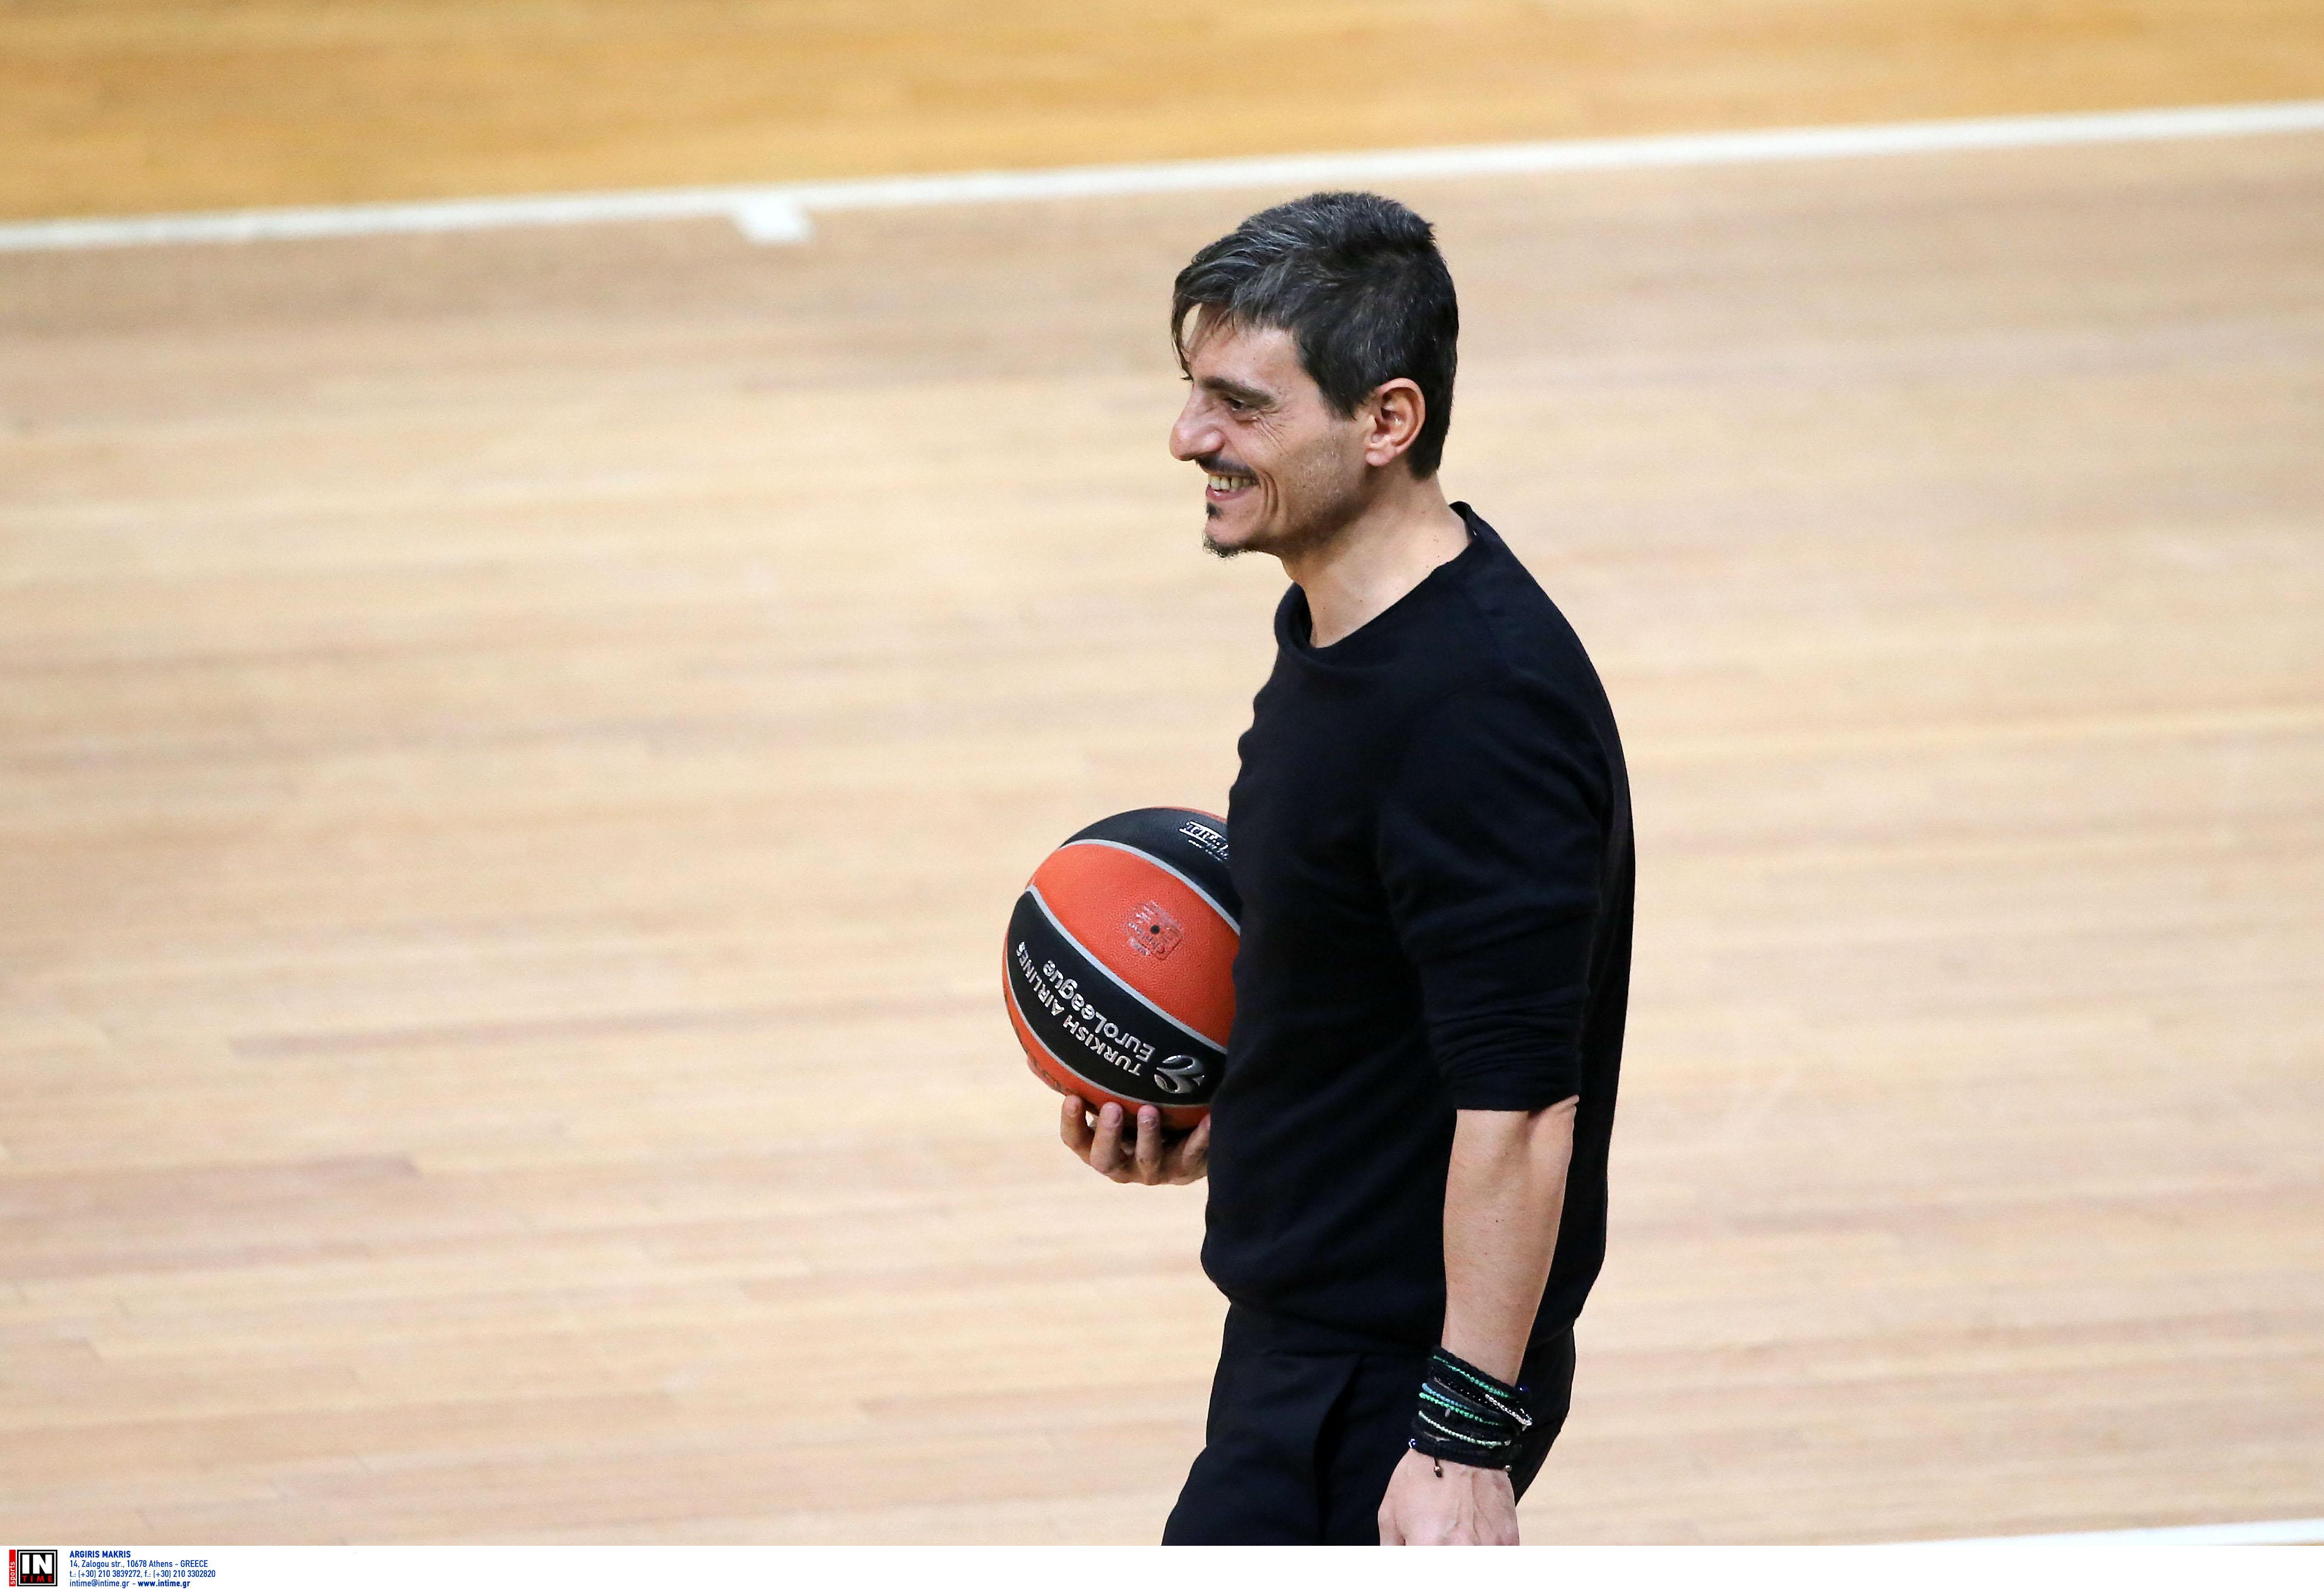 """""""Ο Γιαννακόπουλος έστειλε σημαντικό μήνυμα για τους κύκλους του μπάσκετ"""" είπε ο Κομνηνός"""